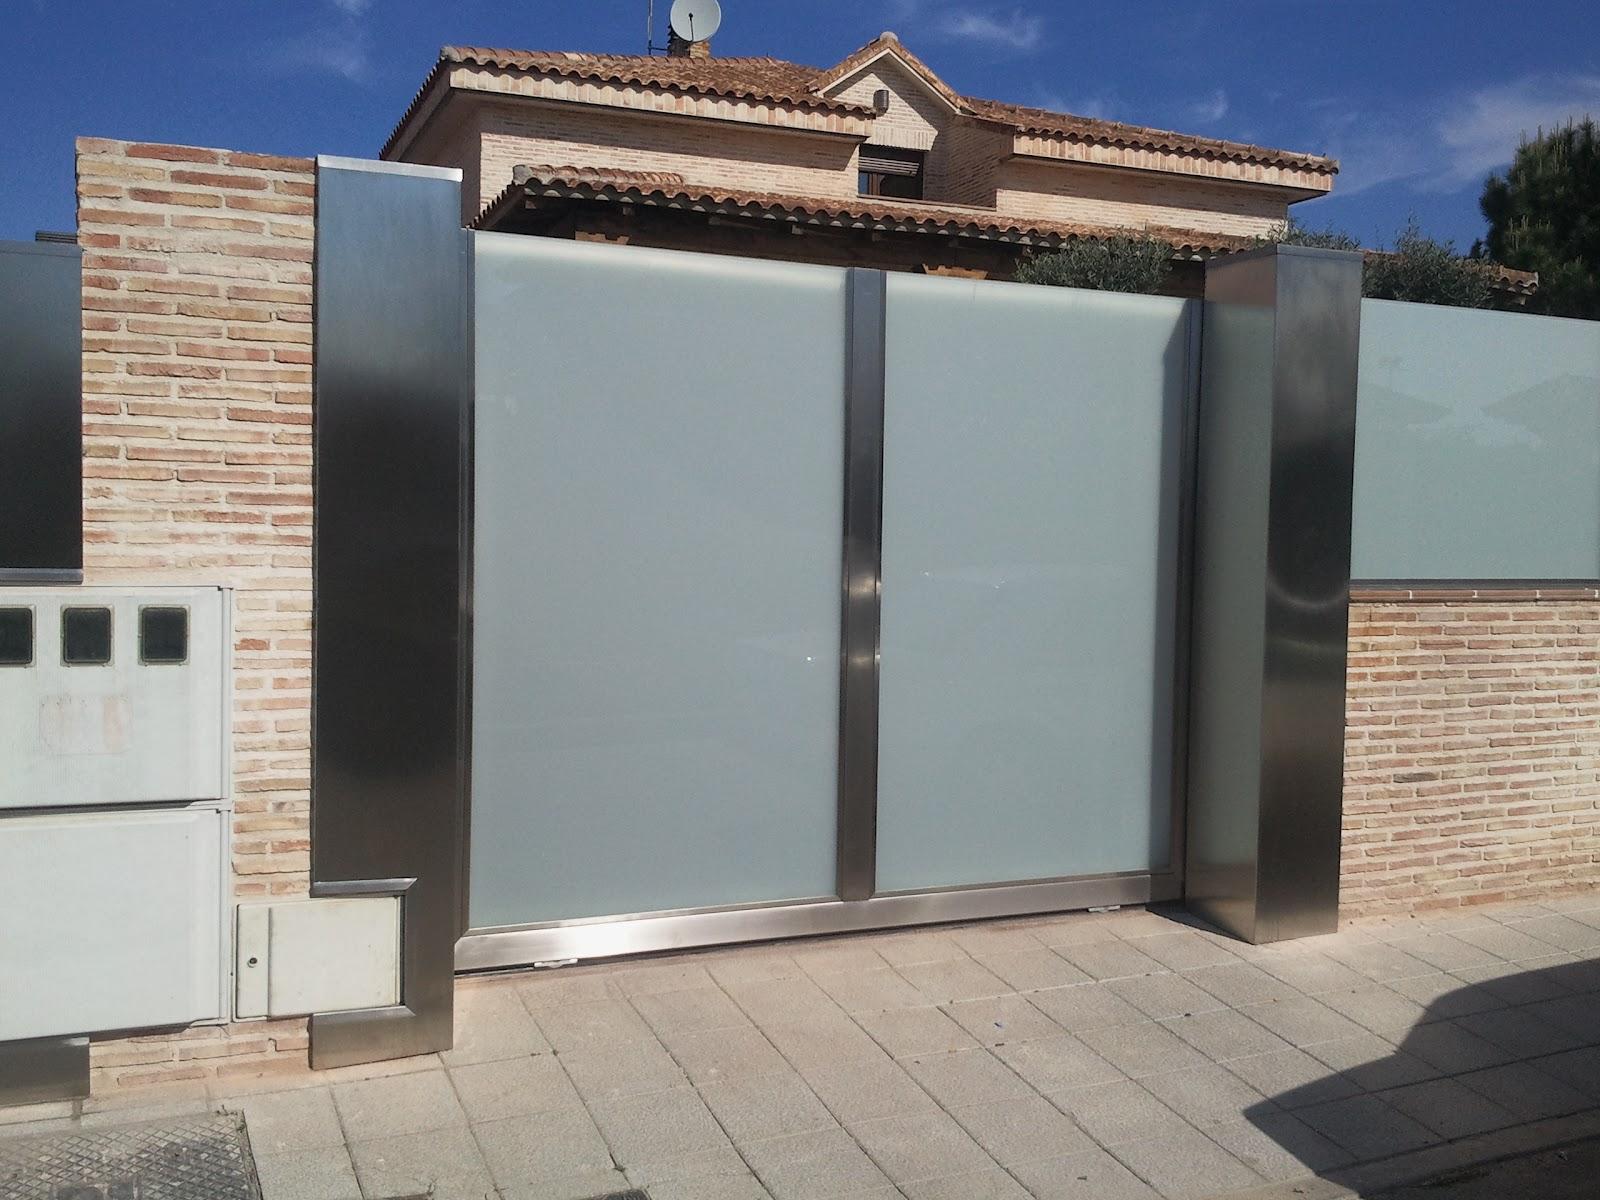 Acero corten acero corten acero inoxidable escaparates barandillas fachada ventilada - Puertas de chalet ...